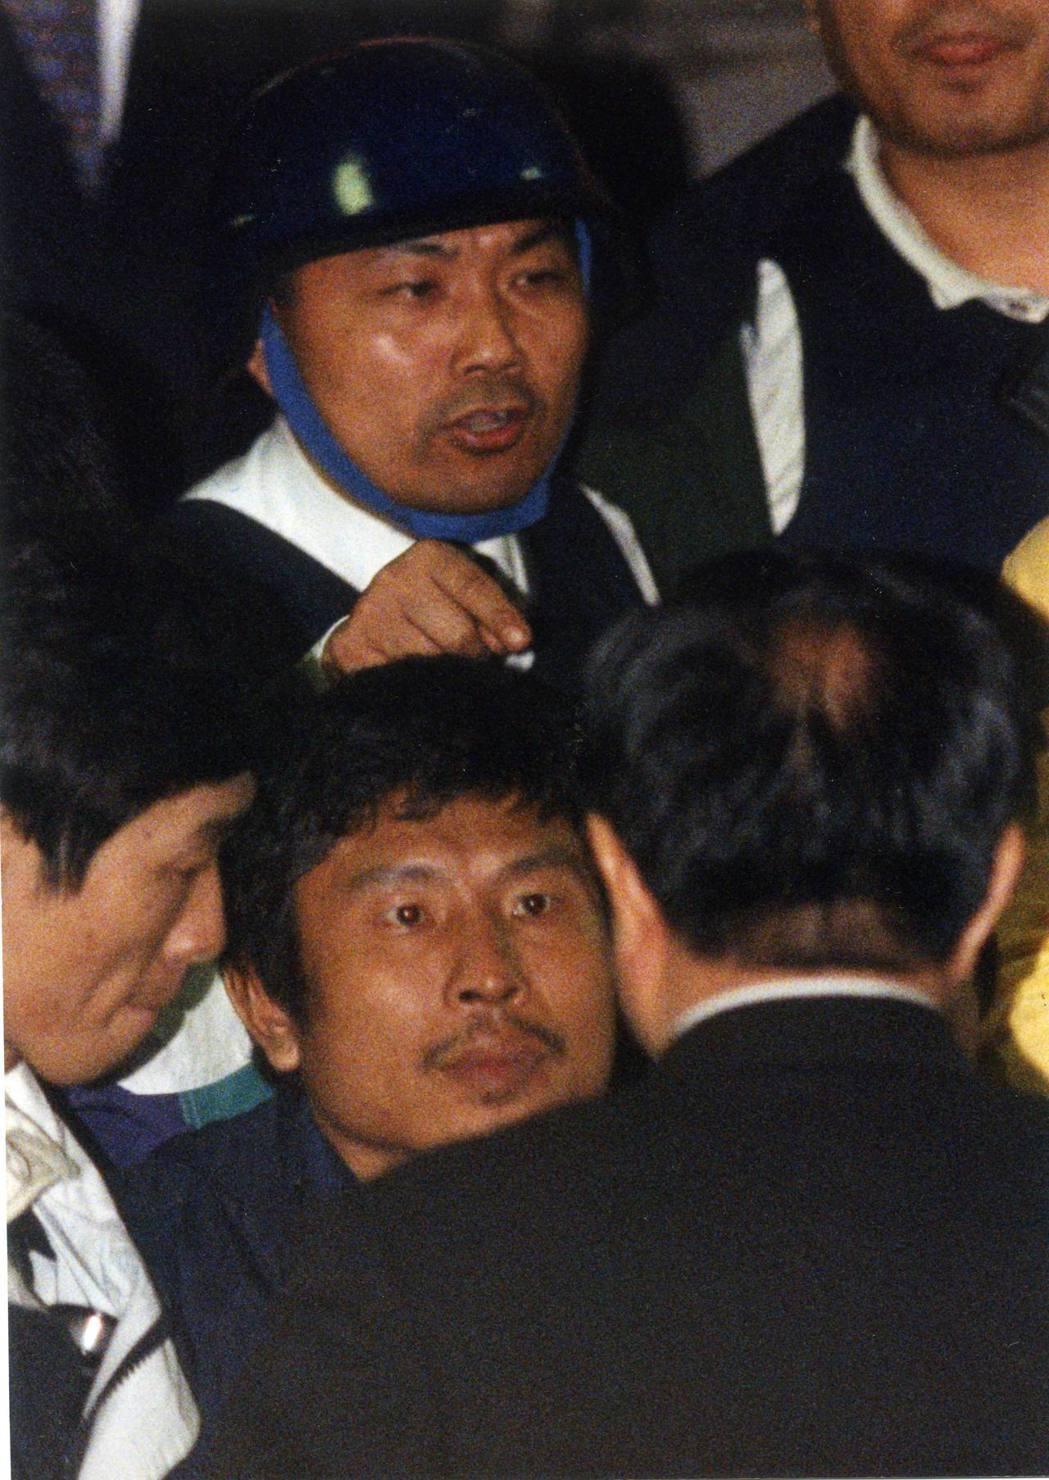 在陳進興棄械投降的過程中,台北市刑大隊長侯友宜(後戴頭盔者)現過人的膽識和溝通技...